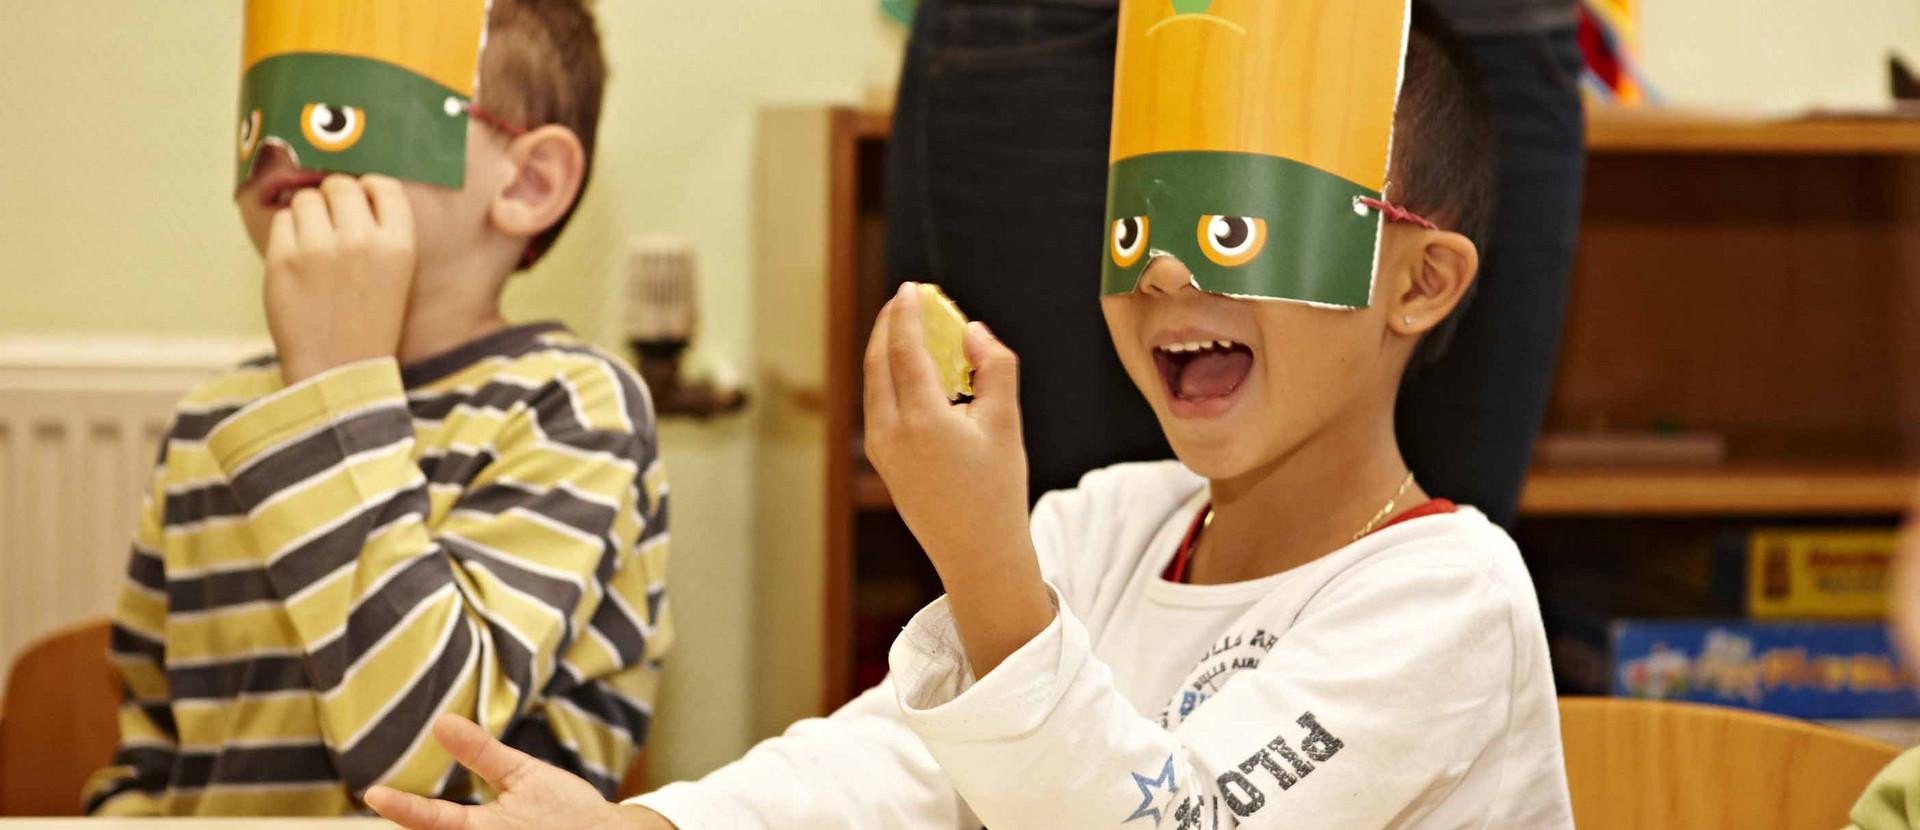 zwei Jungen mit Masken schmecken Lebensmittel